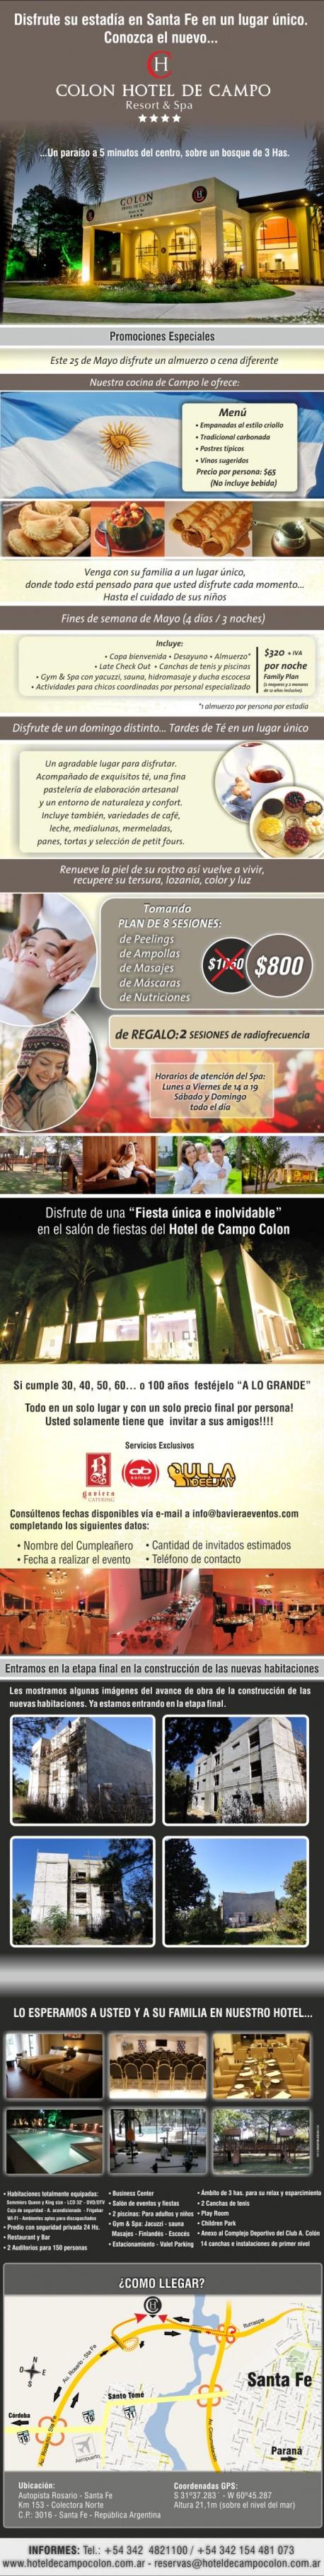 Disfrute mayo en el Hotel de Campo Colon